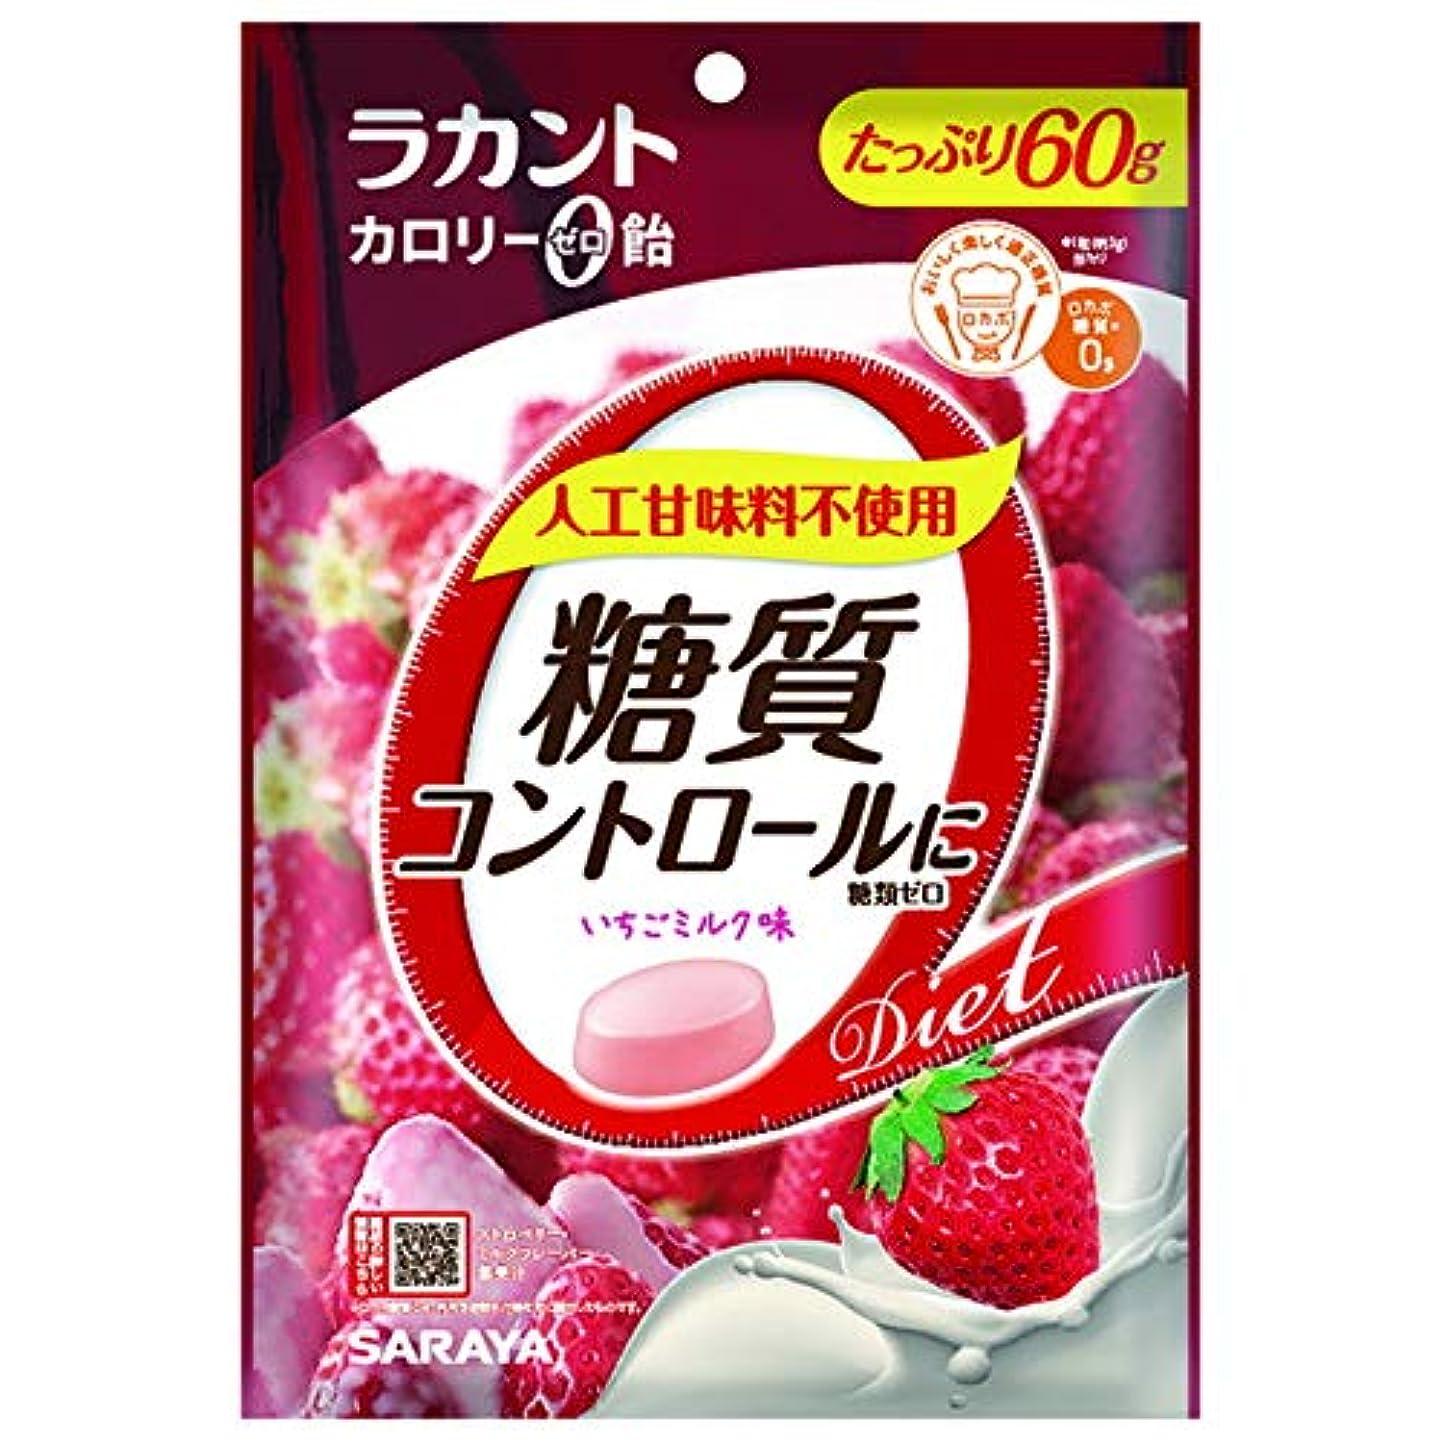 悪意のある貢献する地殻ラカント カロリーゼロ飴 いちごミルク 60g【3個セット】